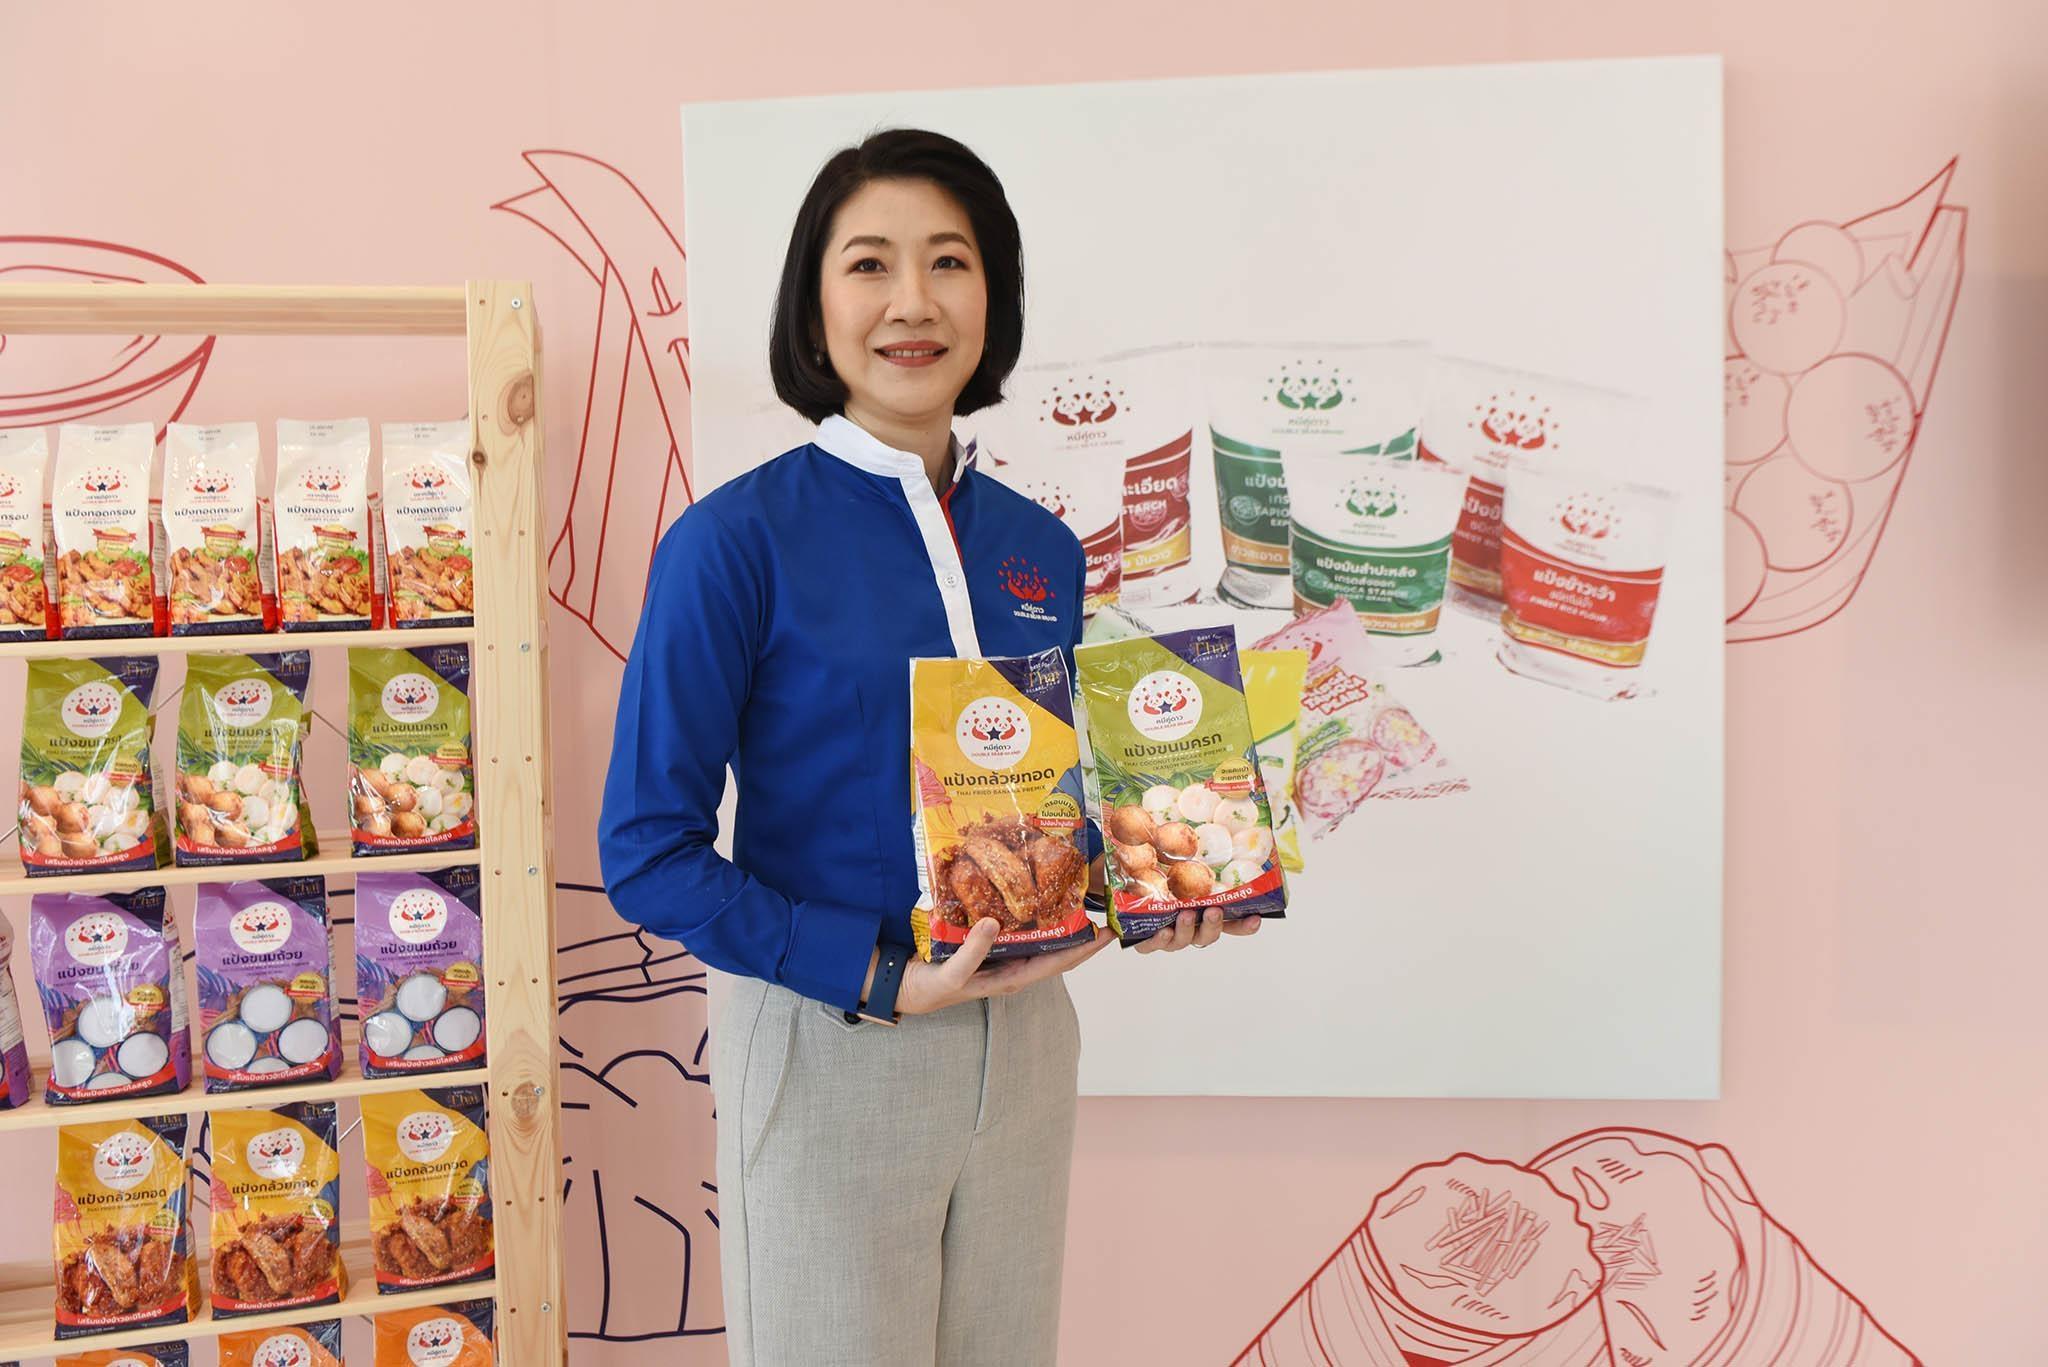 """""""หมีคู่ดาว"""" แป้งข้าวสัญชาติไทย เดินหน้าสู่ยุคใหม่เจนฯ 2 หมายปั้นแป้งจากคุณค่าแห่งอาเซียน ขยับสู่แบรนด์คุณภาพระดับสากล """"ASEAN Value, Global Quality"""" สำนักพิมพ์แม่บ้าน"""